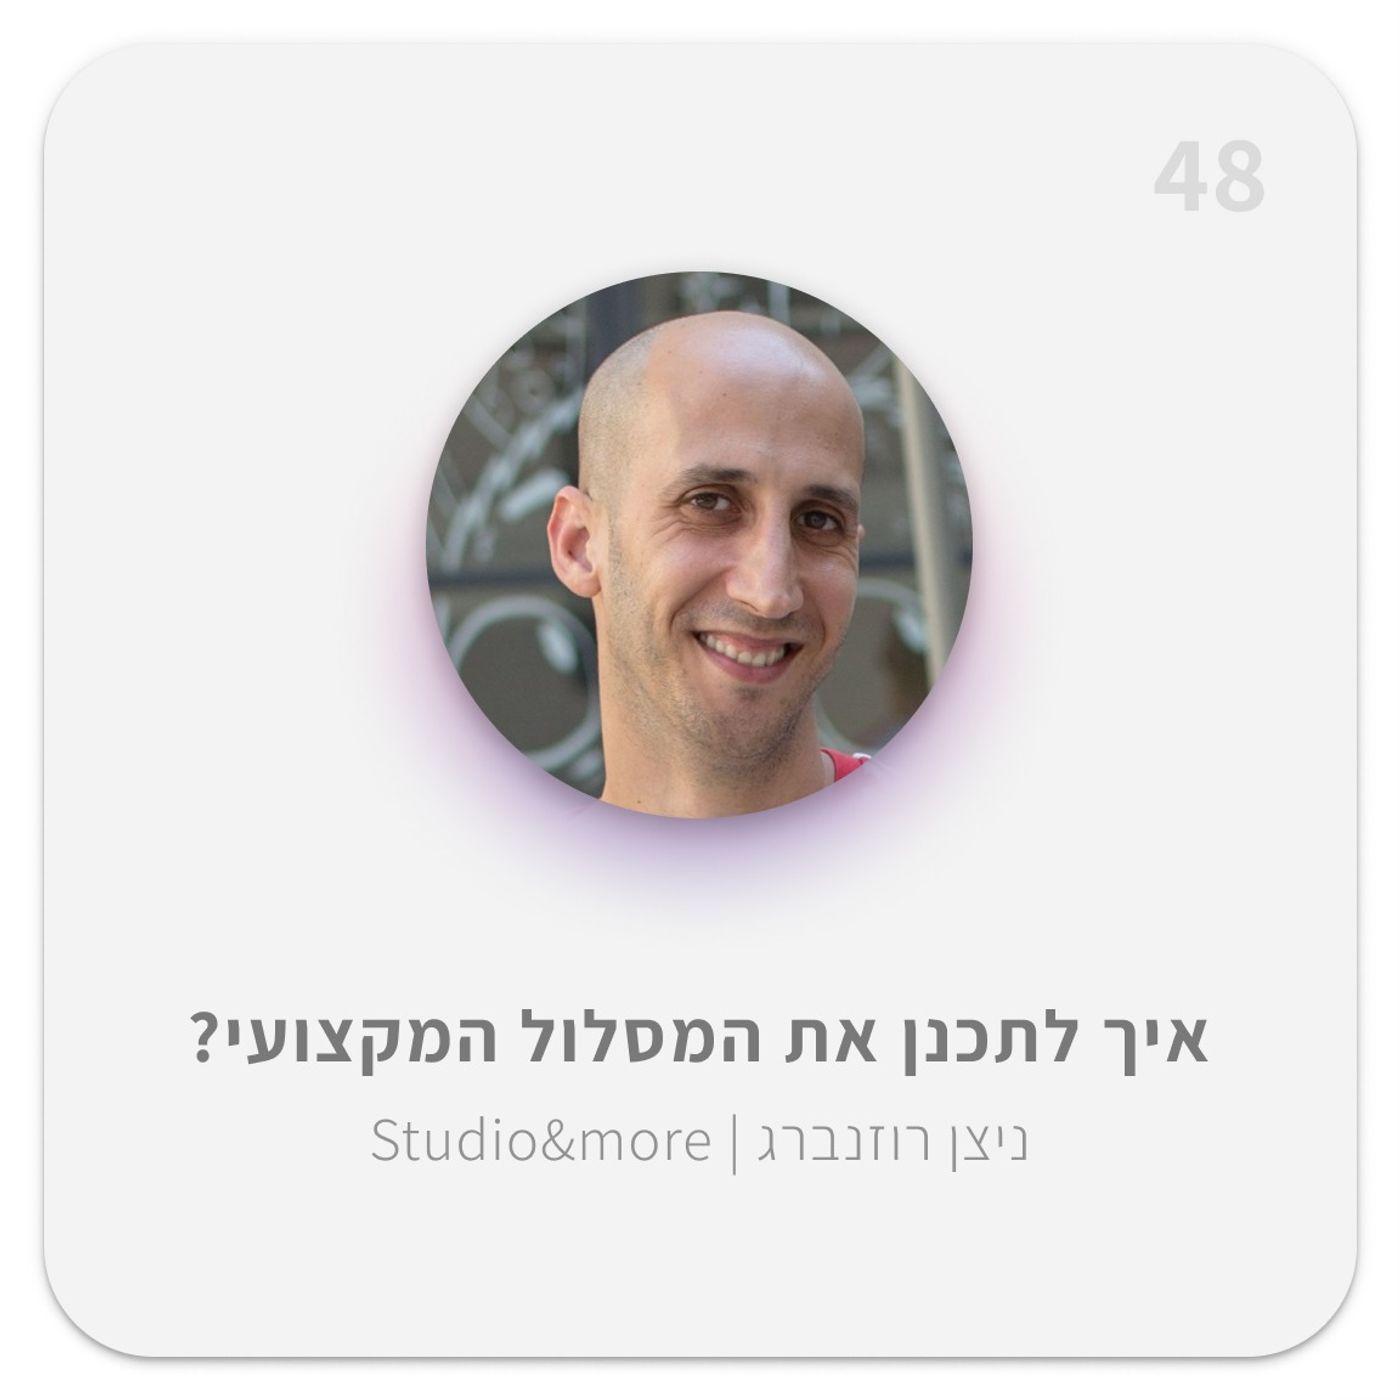 איך לתכנן את המסלול המקצועי ולהקשיב ללב | פרק 48 עם ניצן רוזנברג